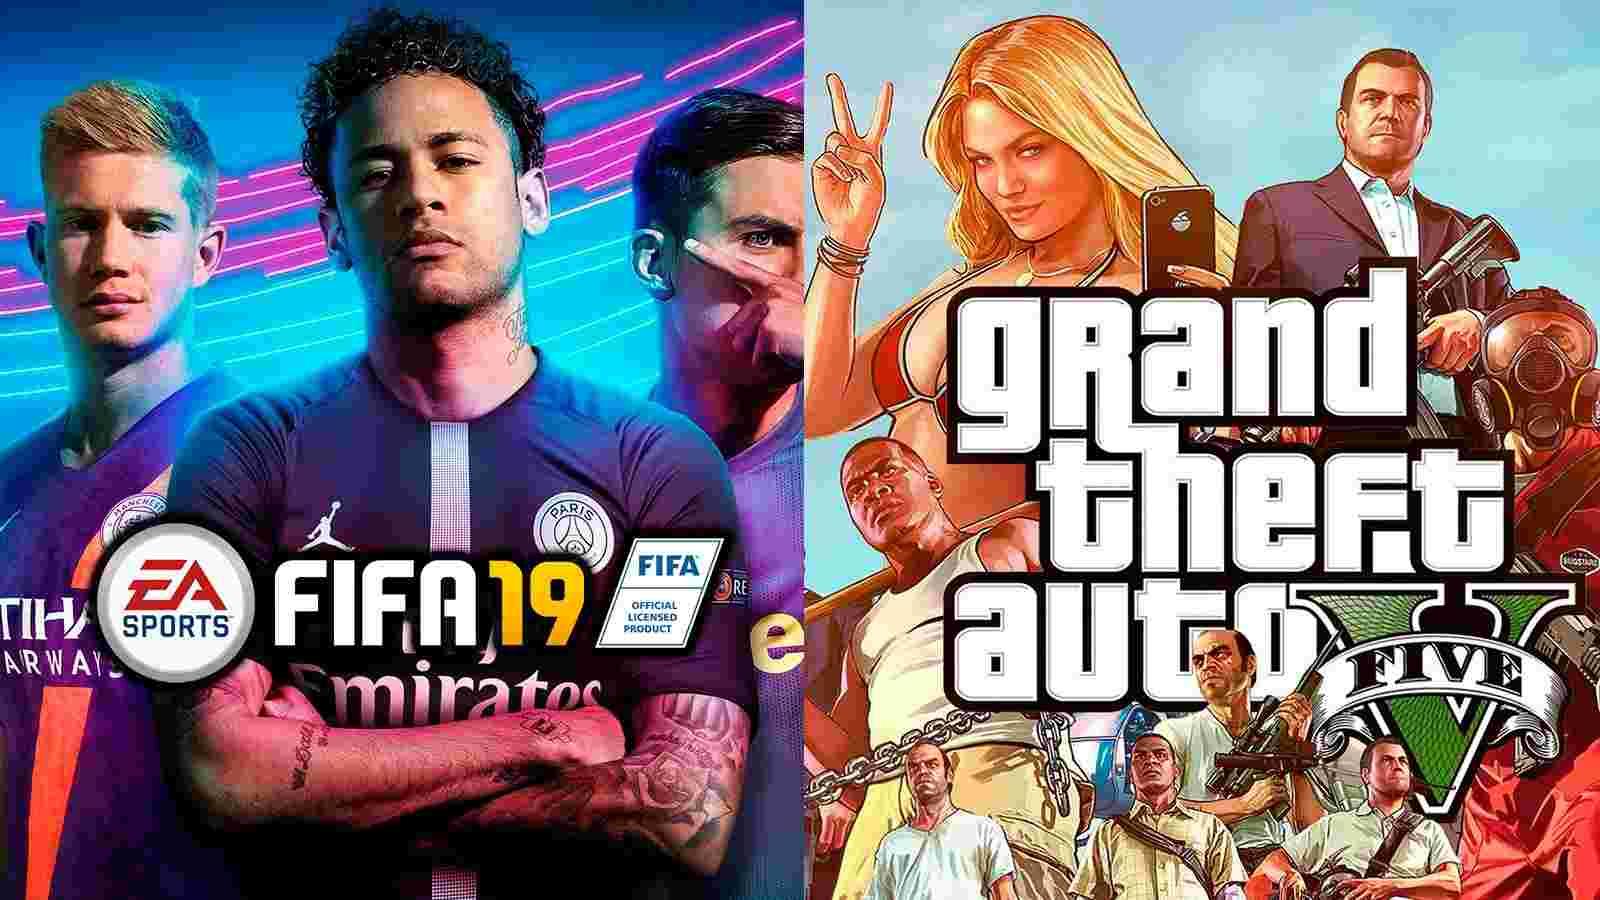 Grand Theft Auto V e FIFA 2019 são os jogos mais vendidos de 2019 em Portugal e no Brasil 7